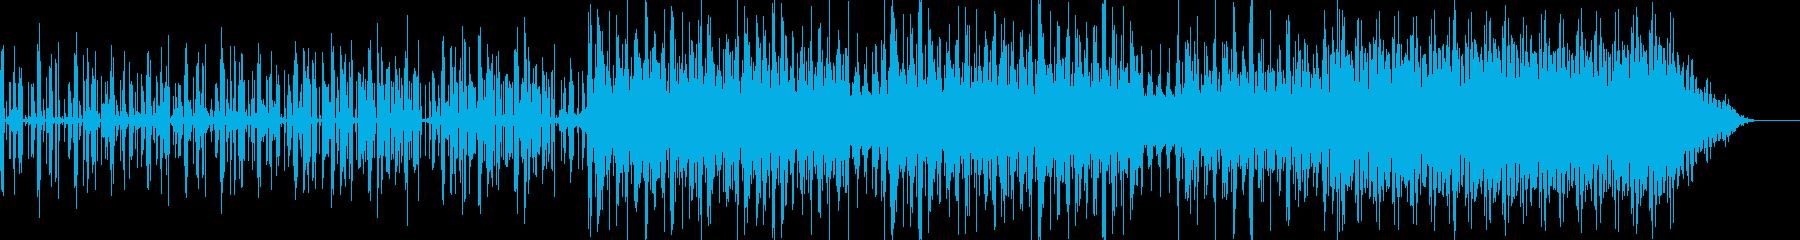 キテレツでノリノリのテクノの再生済みの波形